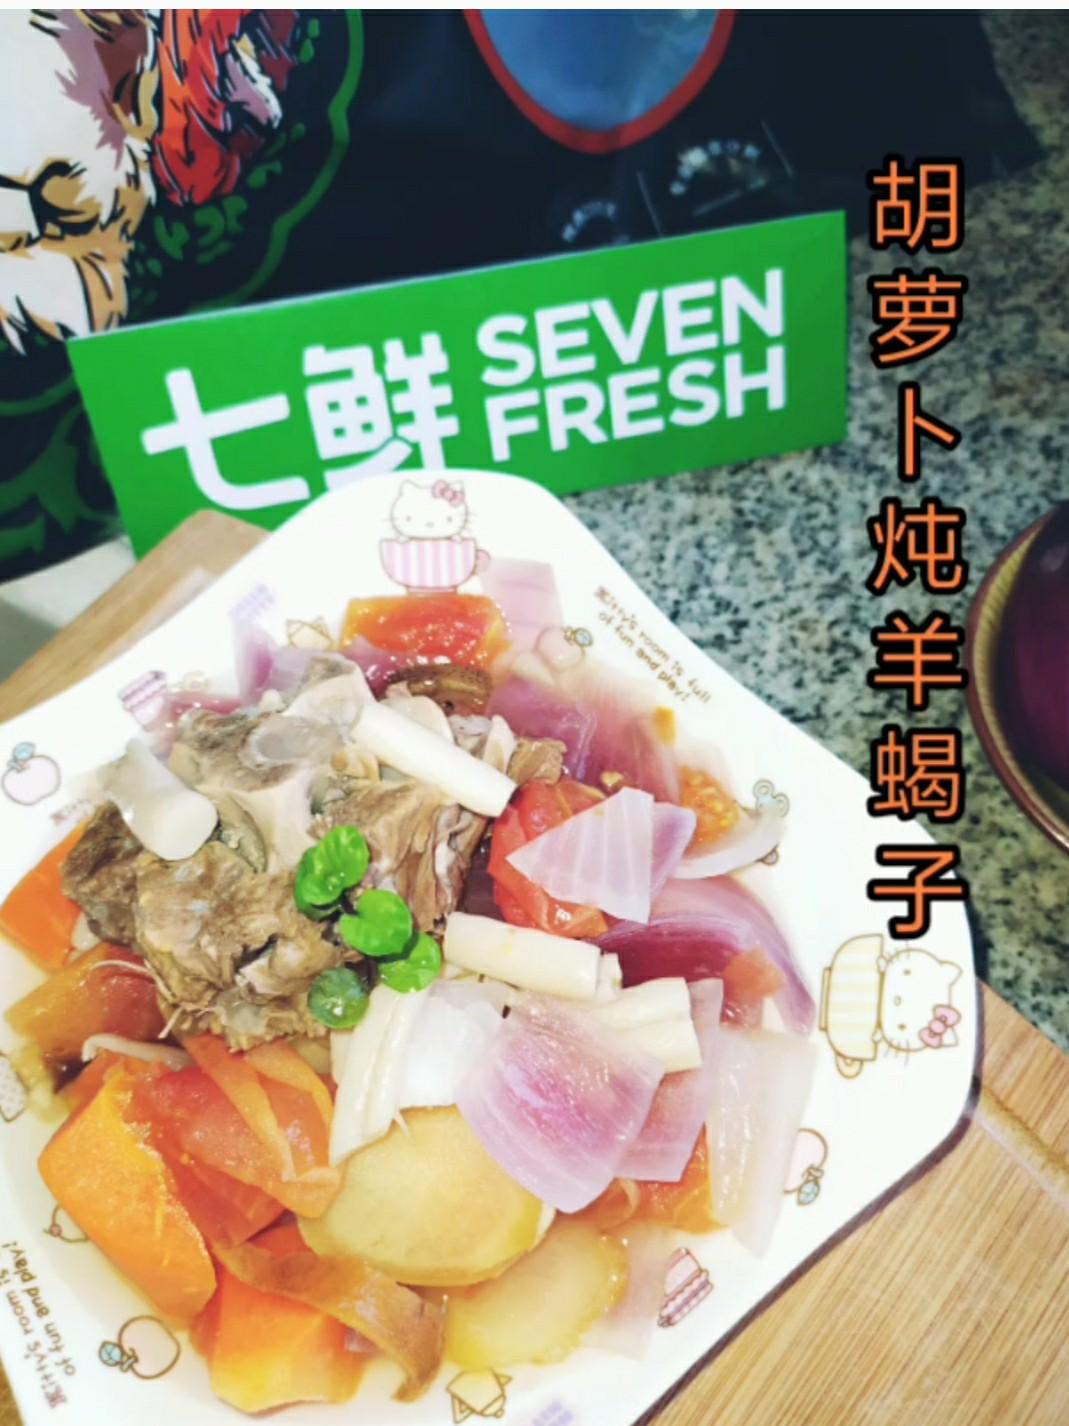 鲜香暖胃的胡萝卜炖羊蝎子~0~选对肉——吃肉也能吃得清淡怎么煸